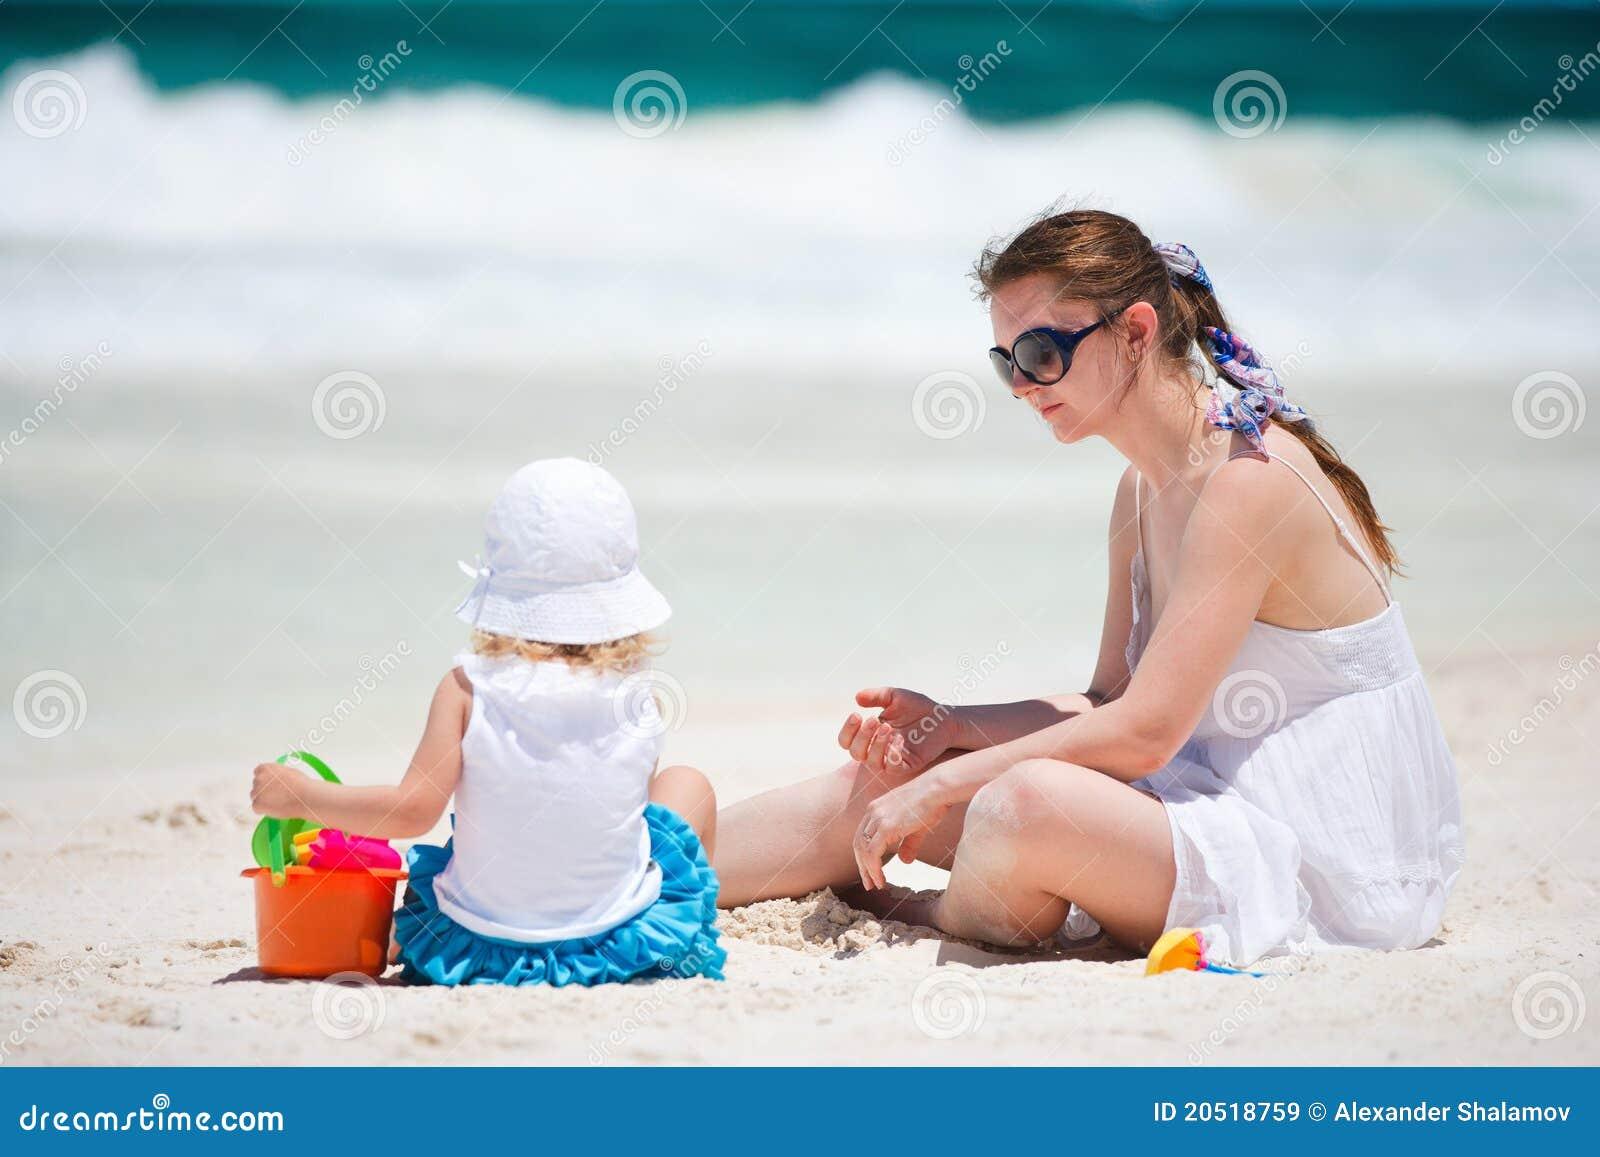 mama-nudistka-s-sinom